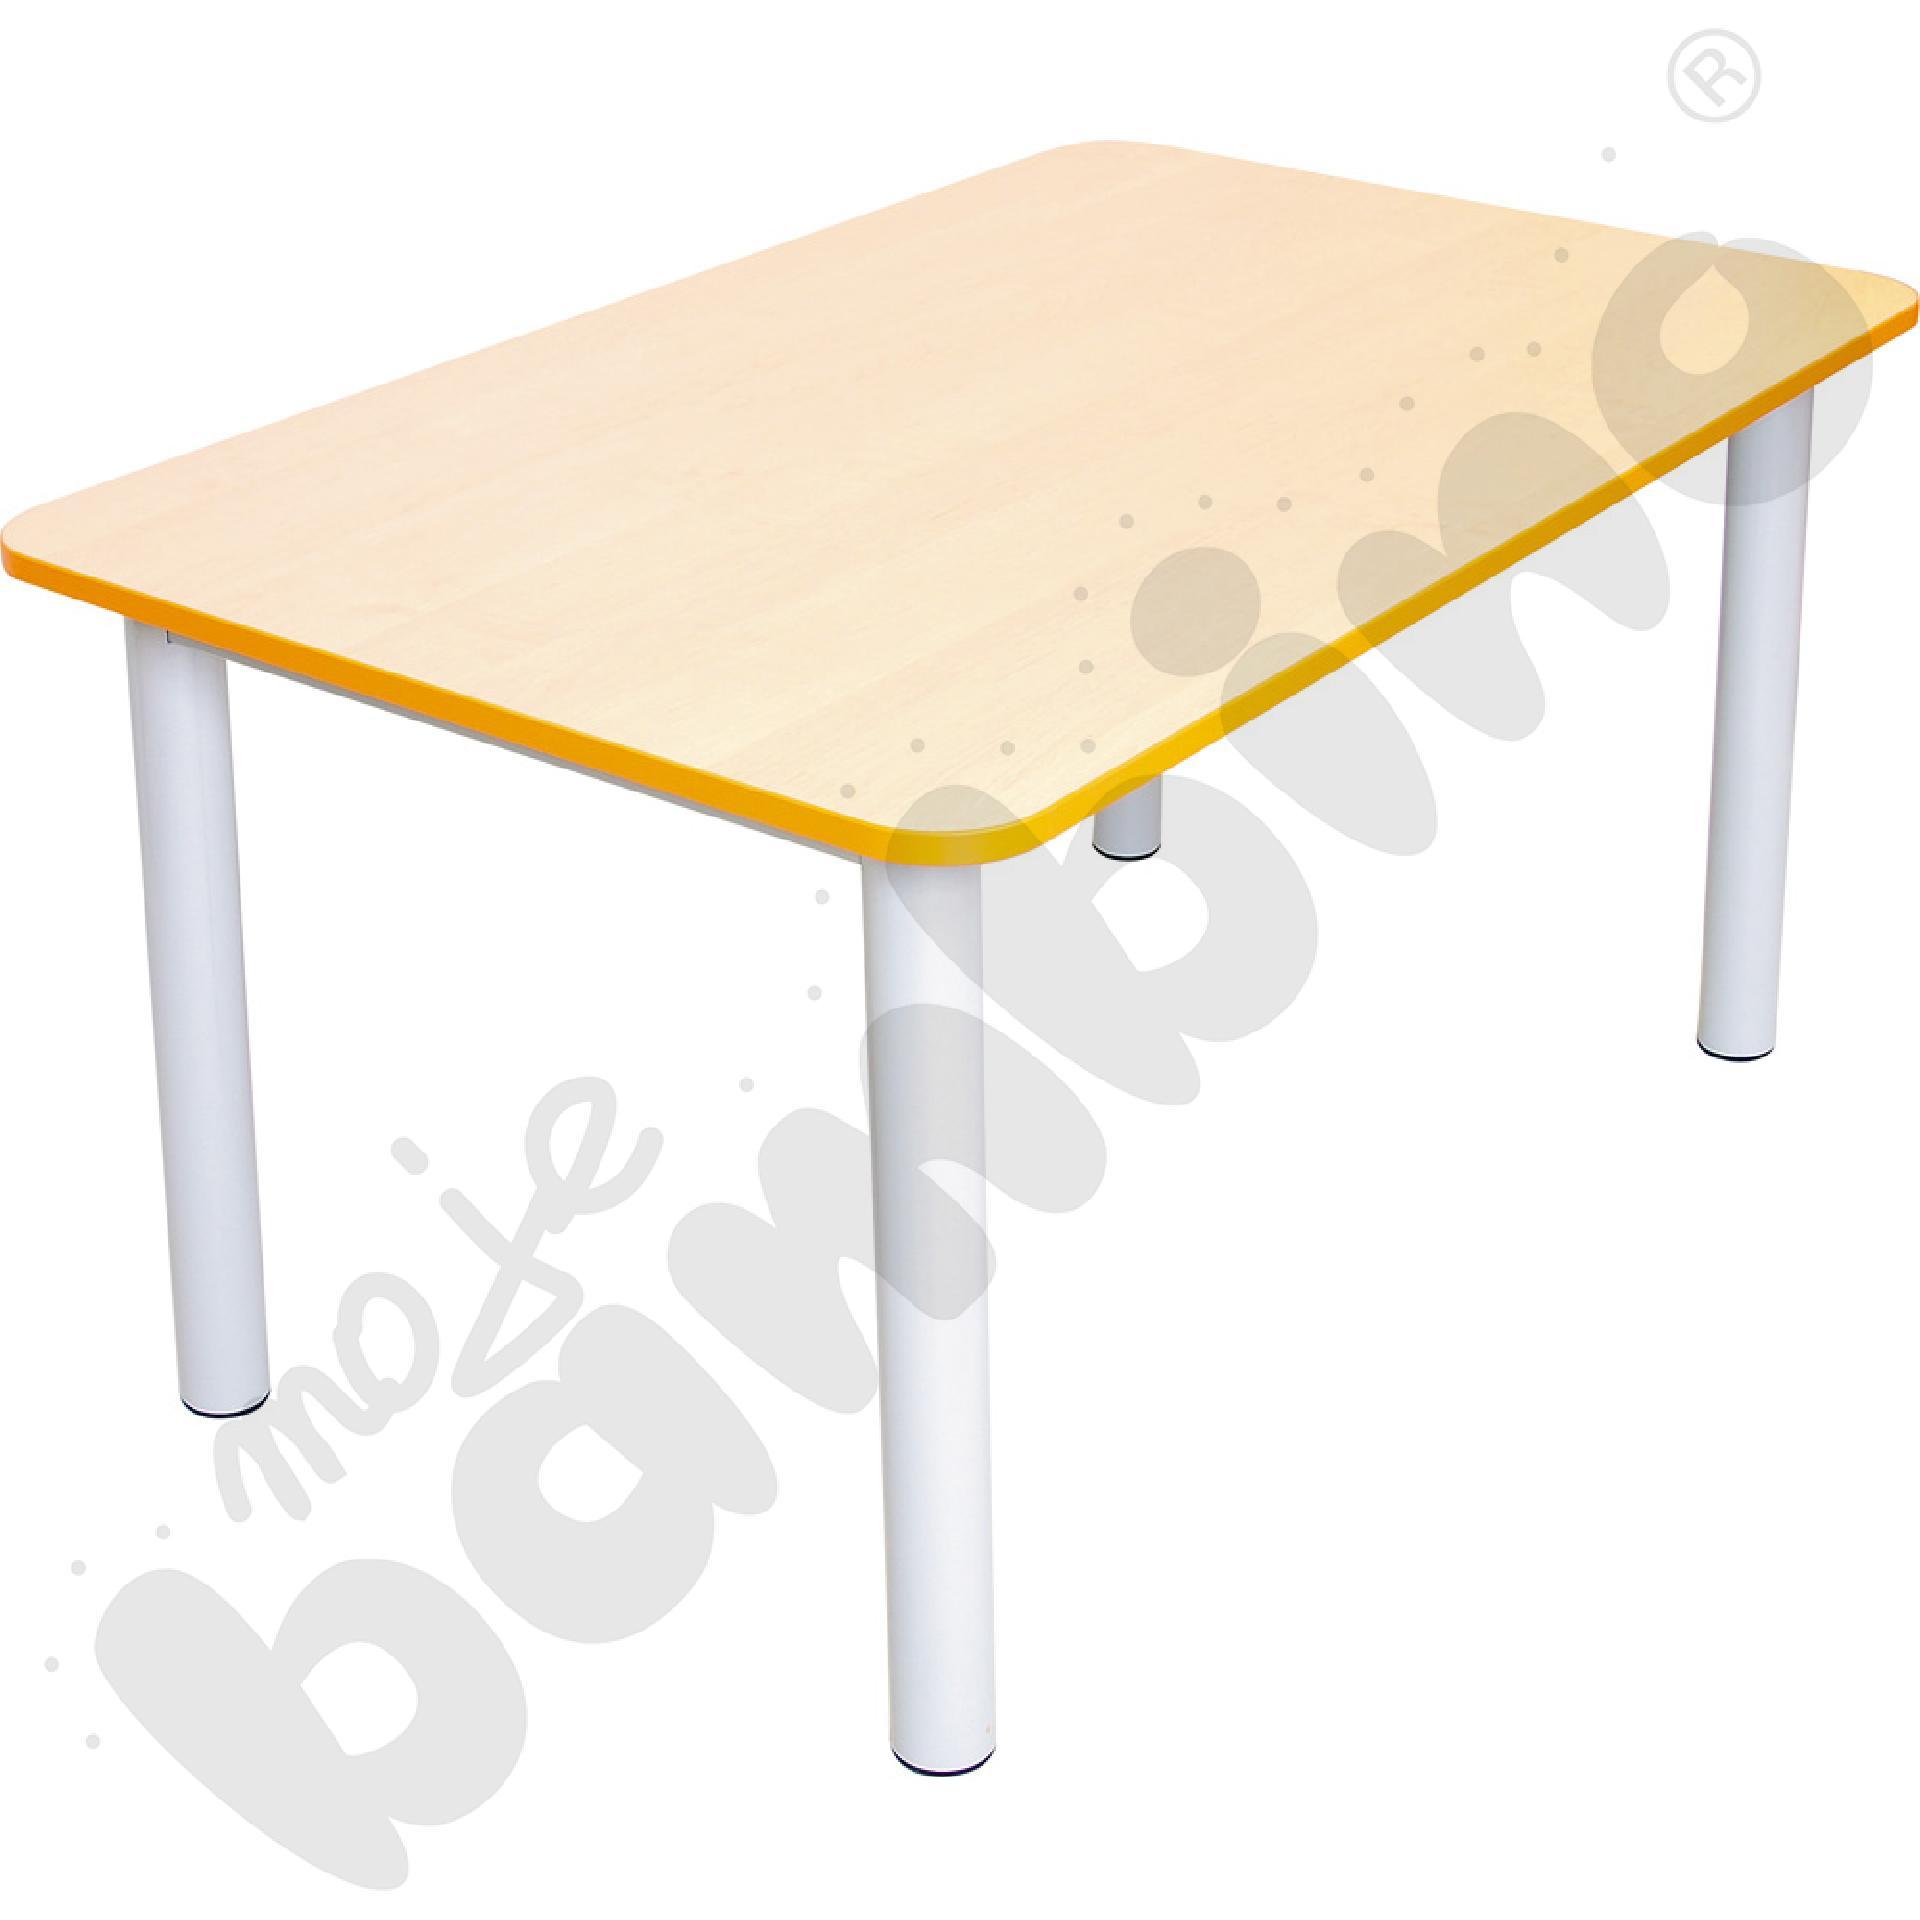 Blat do stołu Premium z pomarańczowym obrzeżem